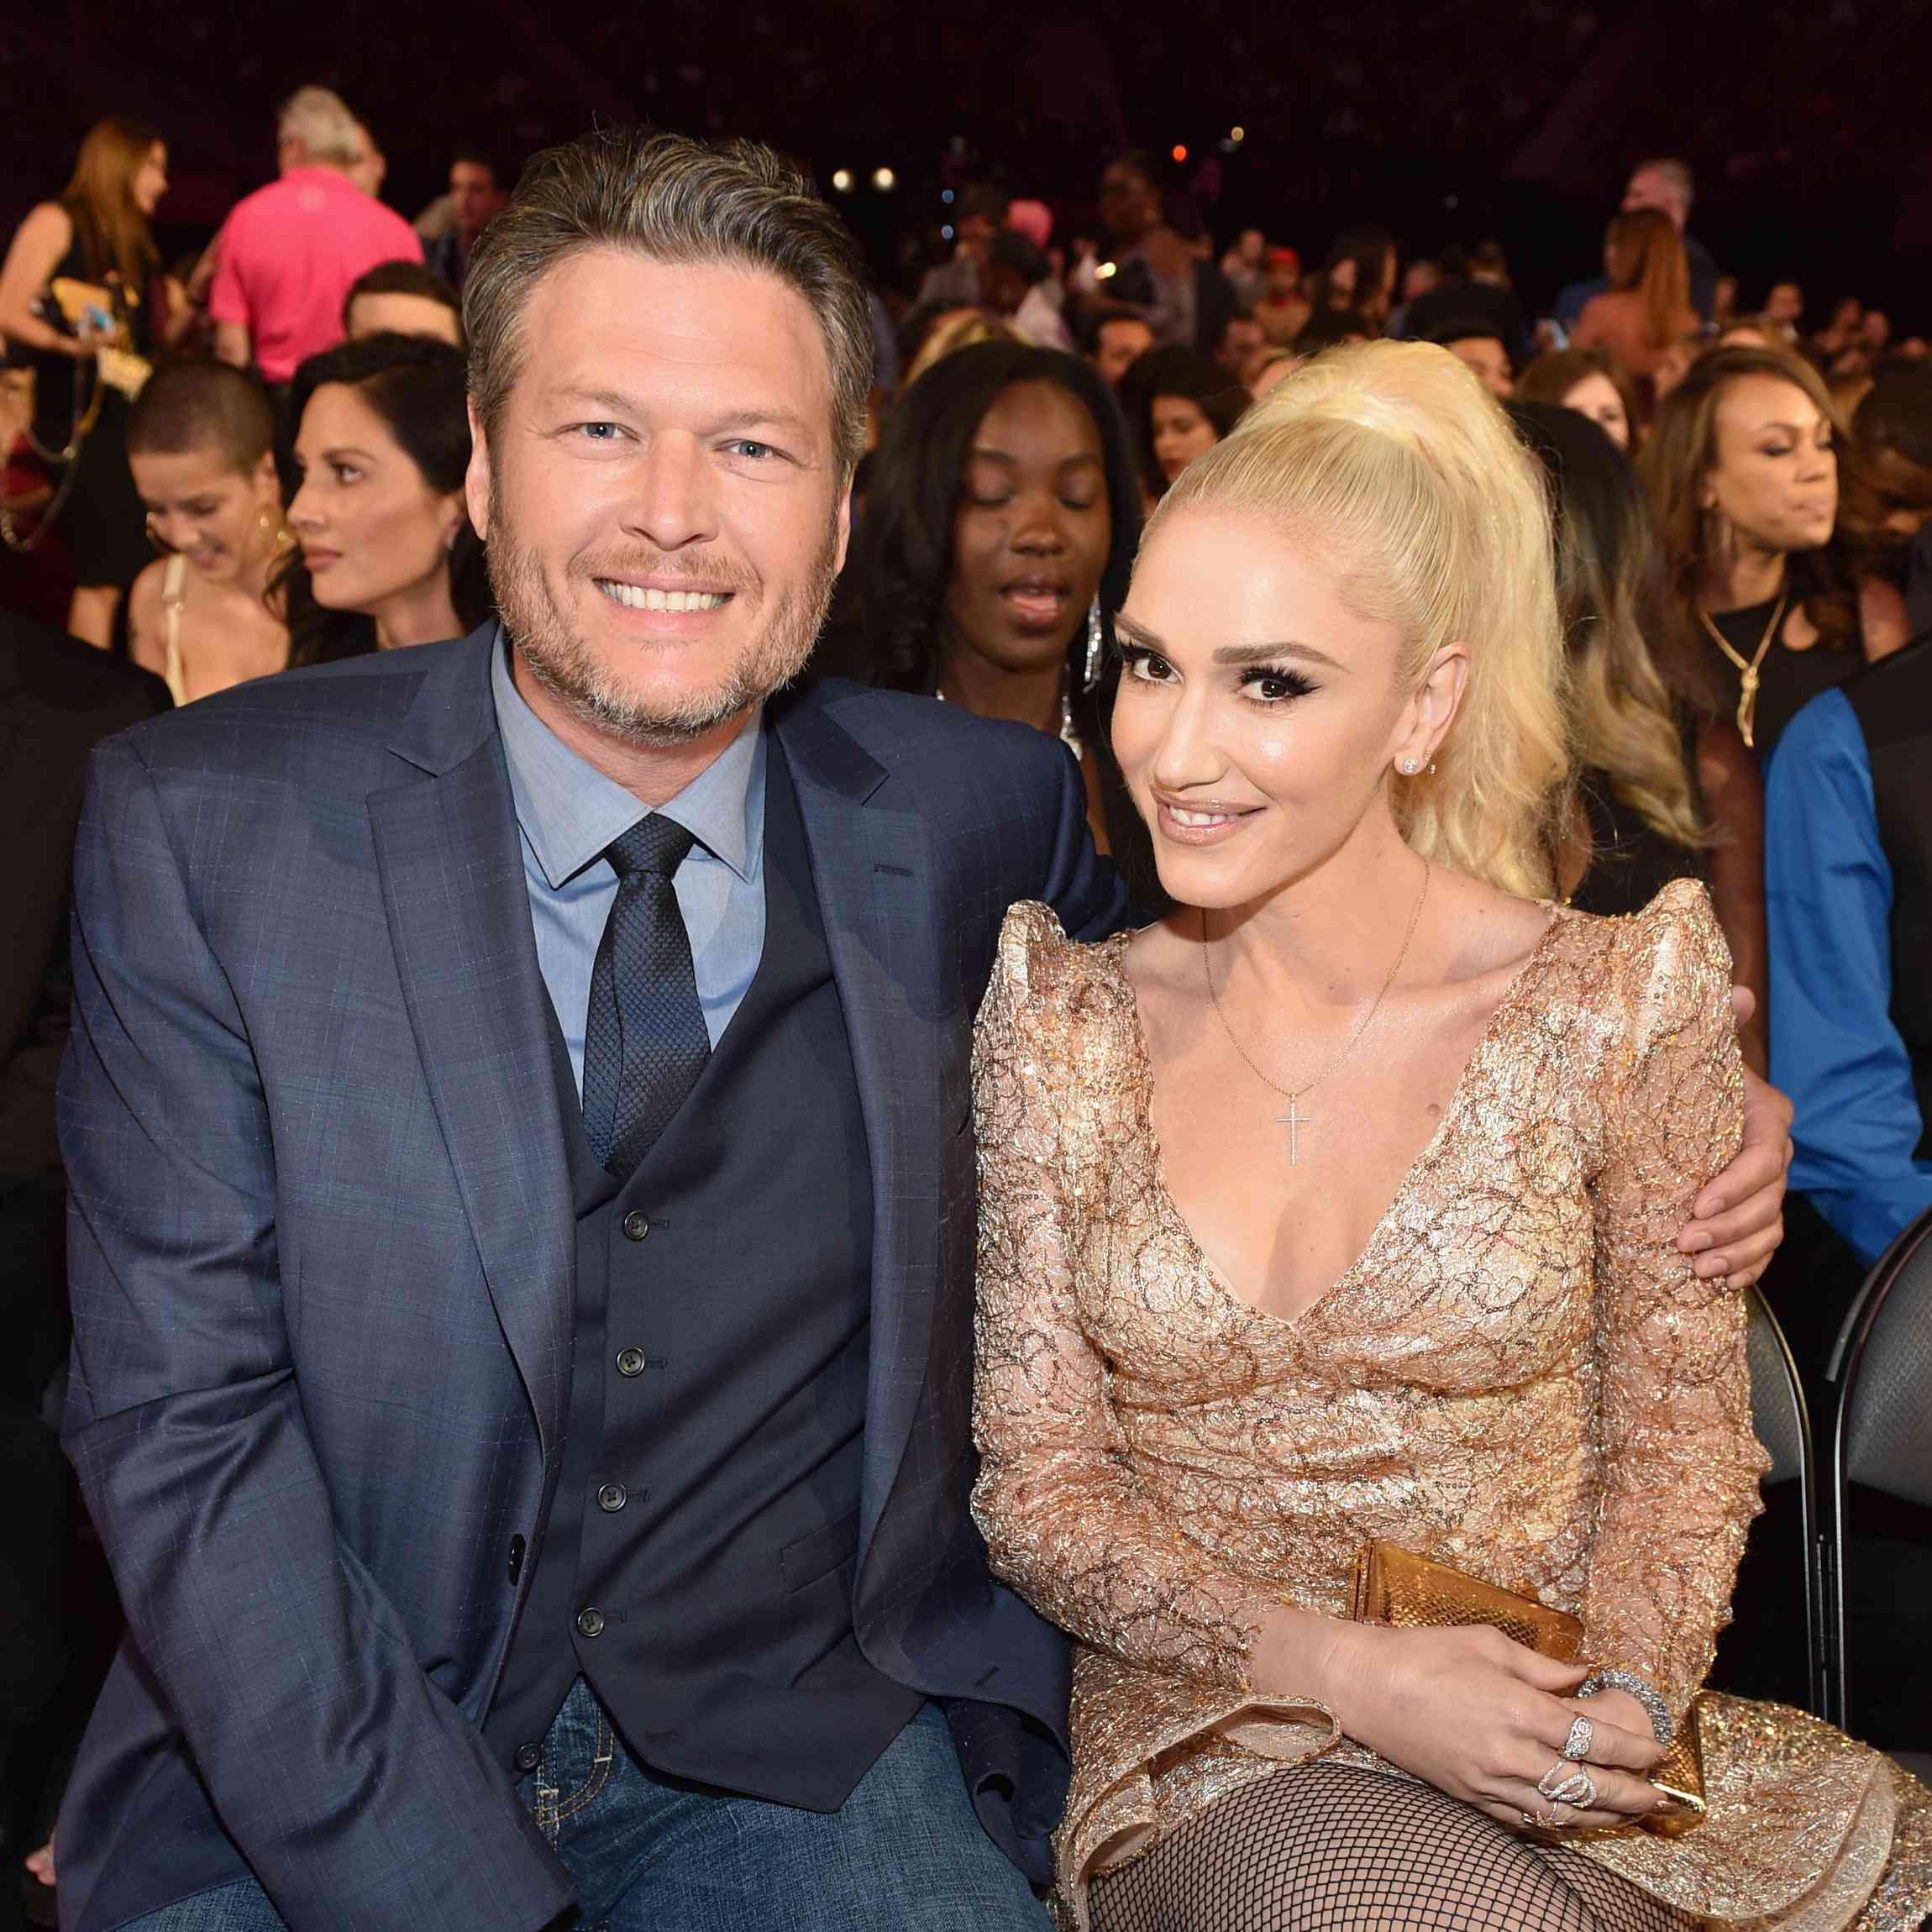 Blake Shelton And Gwen Stefani Wedding: Gwen Stefani And Blake Shelton Danced To Hollaback Girl At